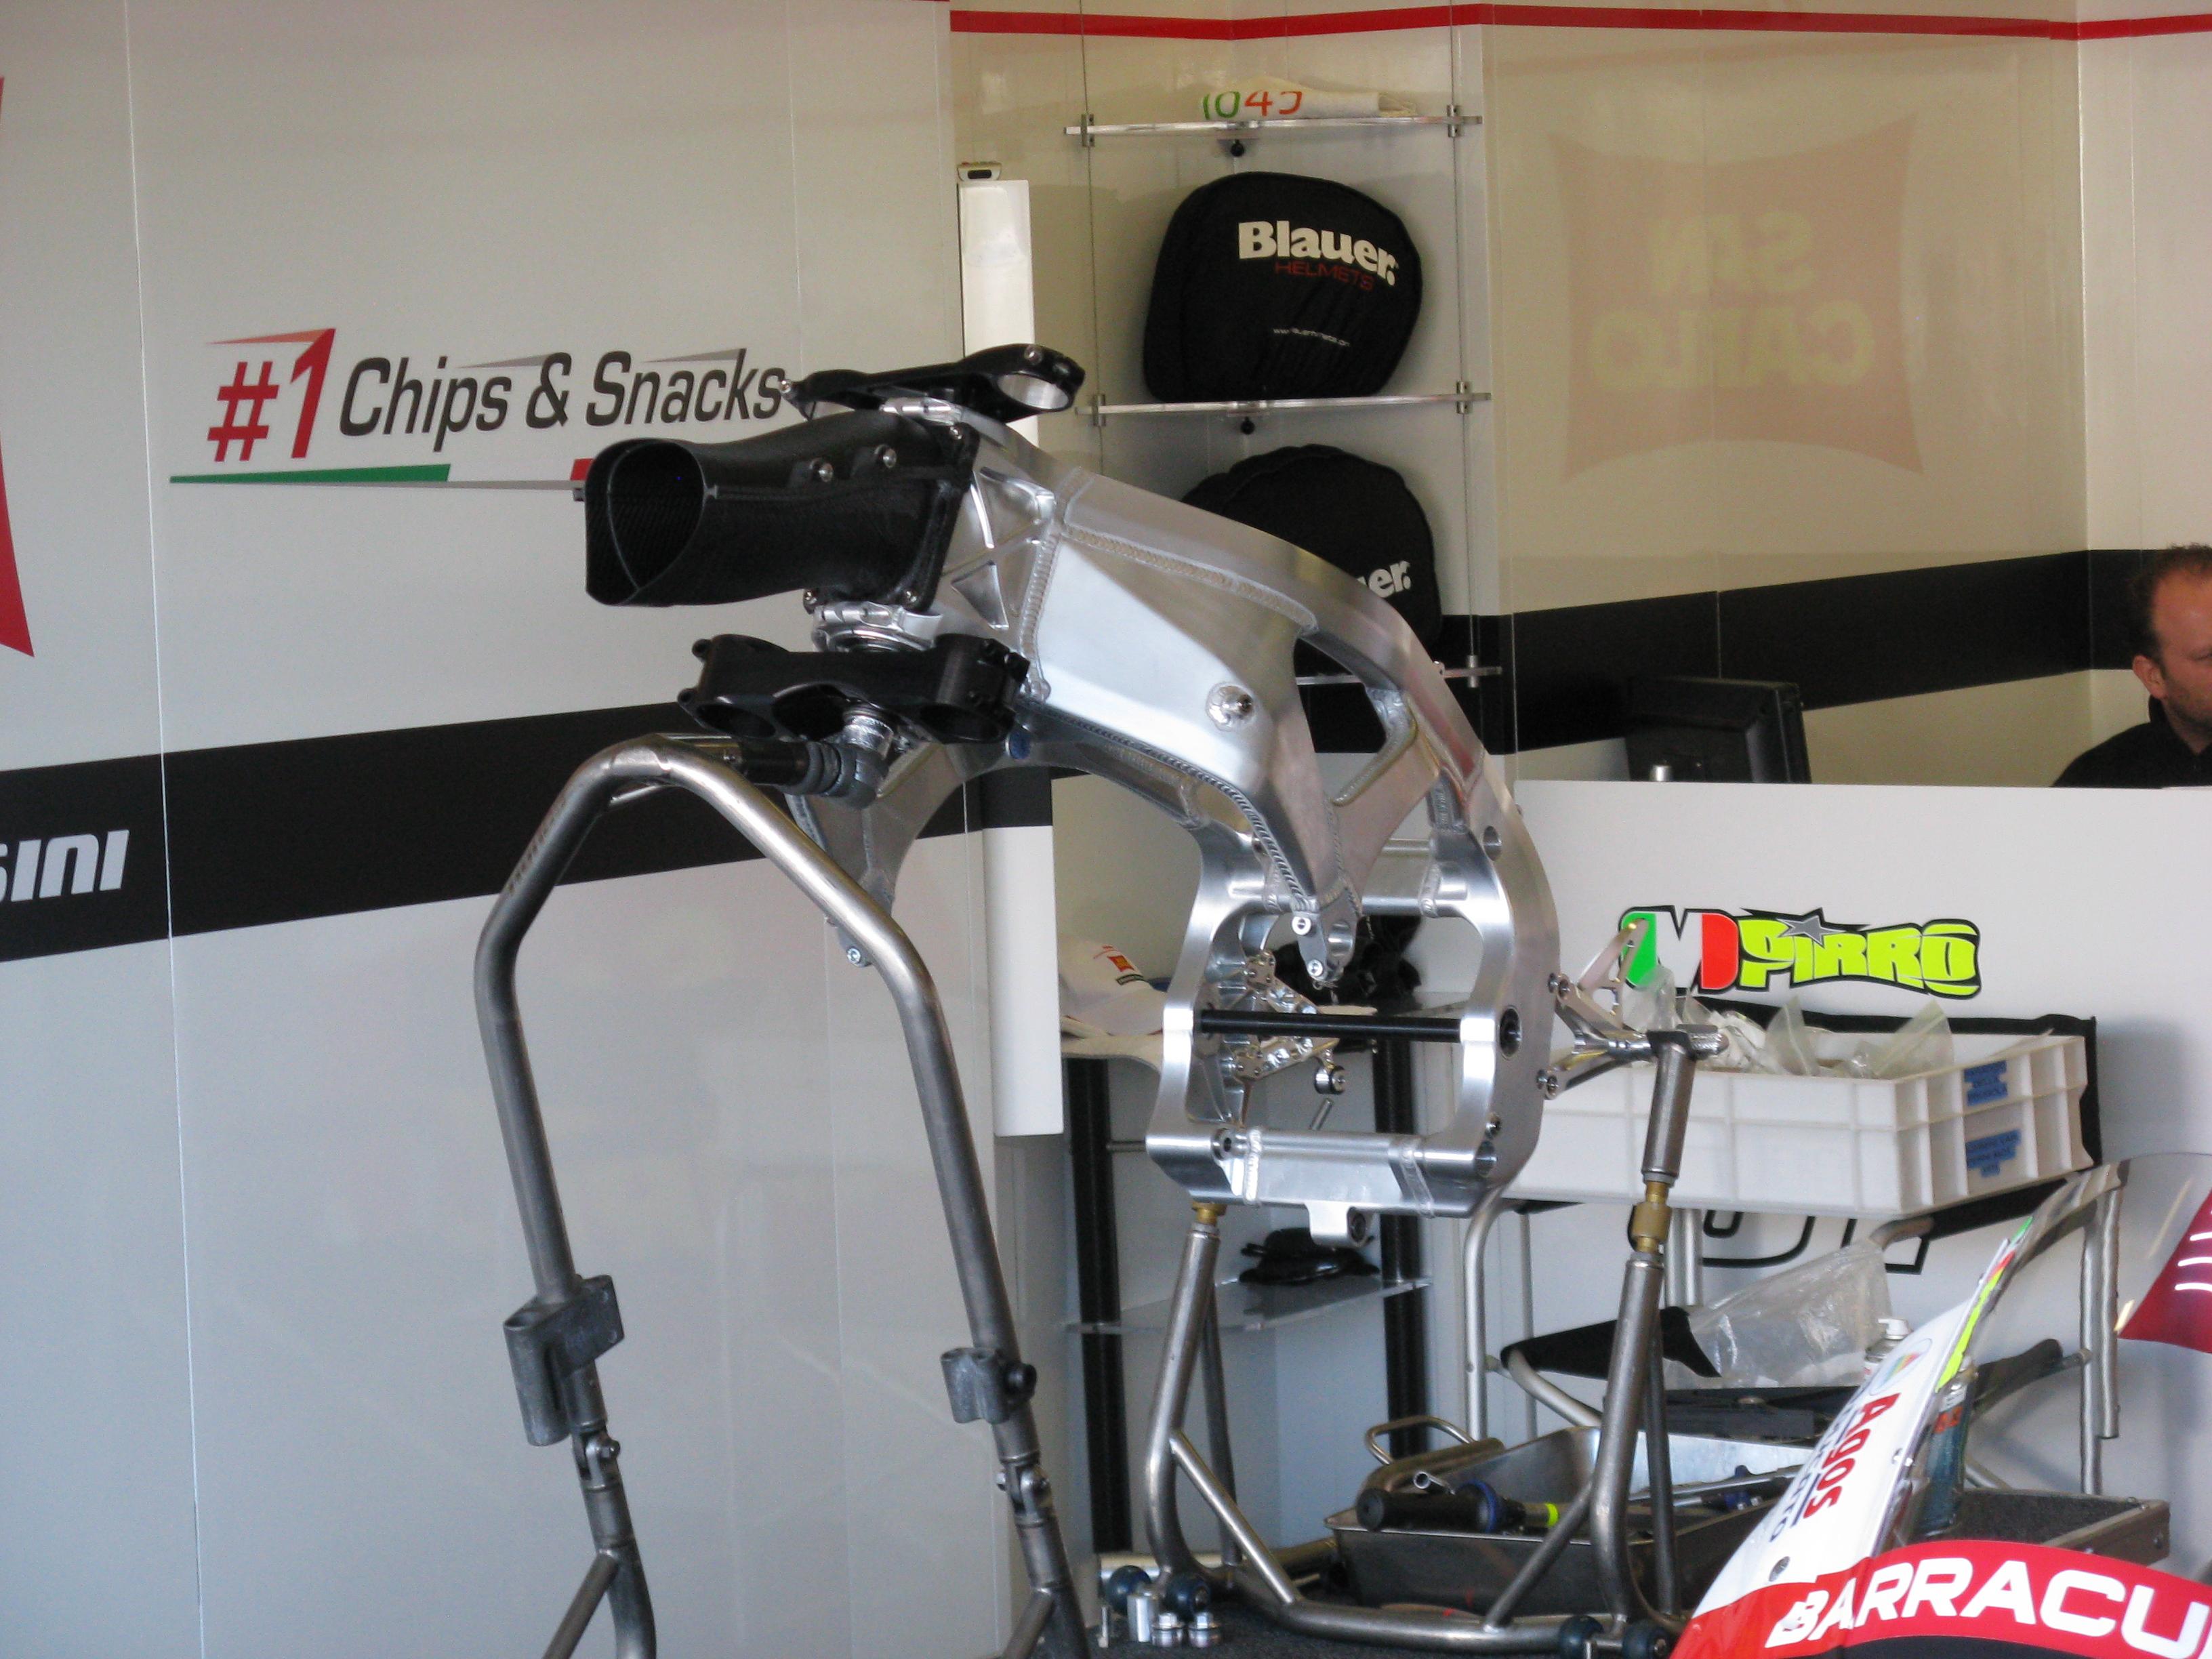 [Moto1] FTR / Honda IMG4416-O